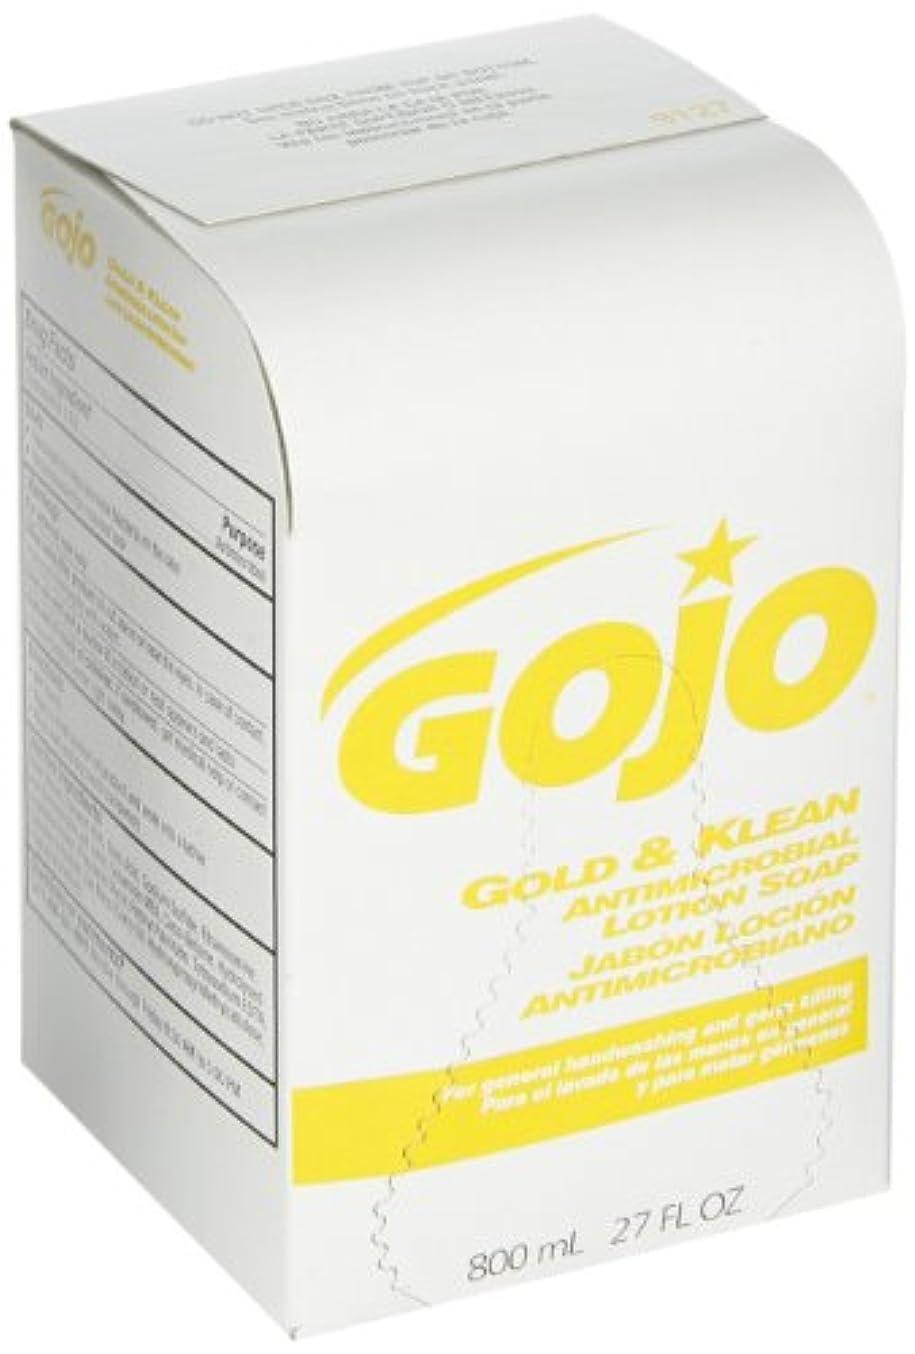 こどもの日エアコンリビジョンゴールド& KleanローションSoap bag-in-boxディスペンサー詰め替え、フローラルBalsam、800 ml